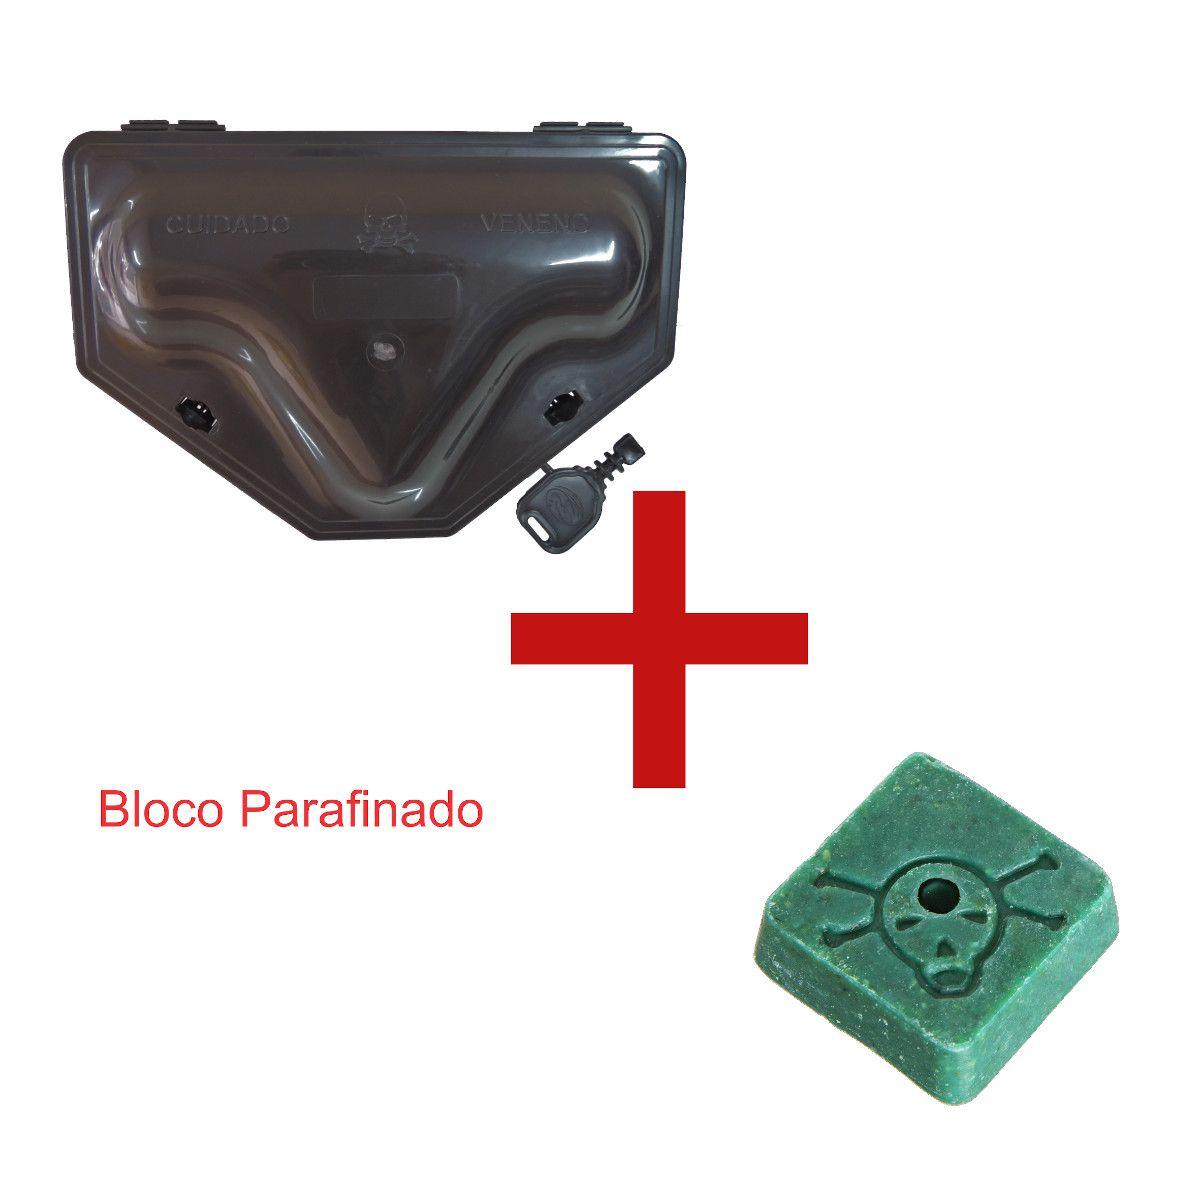 KIT 35 Porta Iscas Forte Ratoeira Mata Ratos 2 TRAVAS Chave